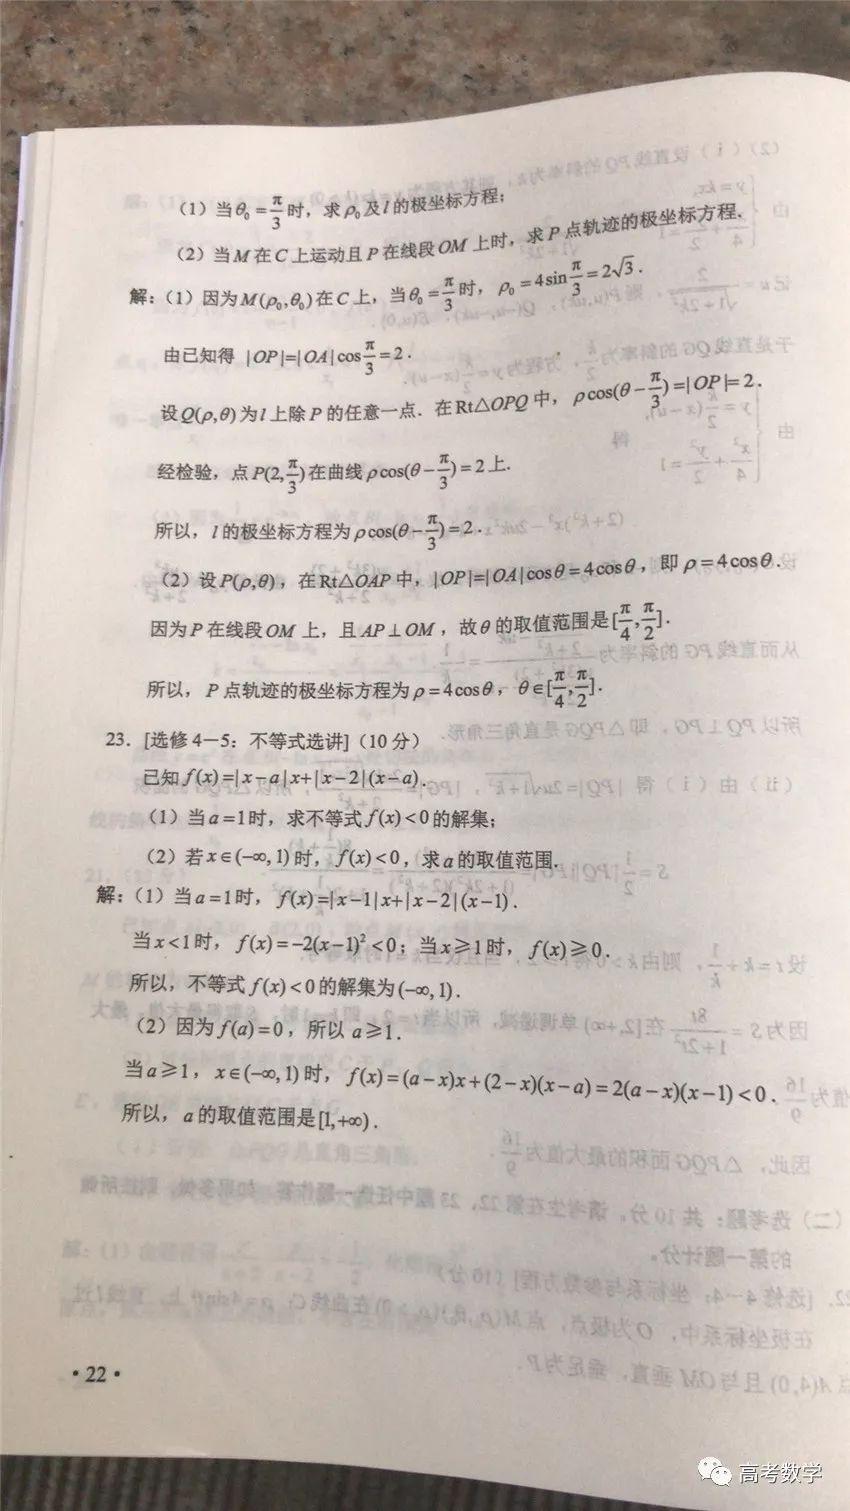 2019年高考语文 数学 文理科 文综 理综全国Ⅱ卷真题及答案